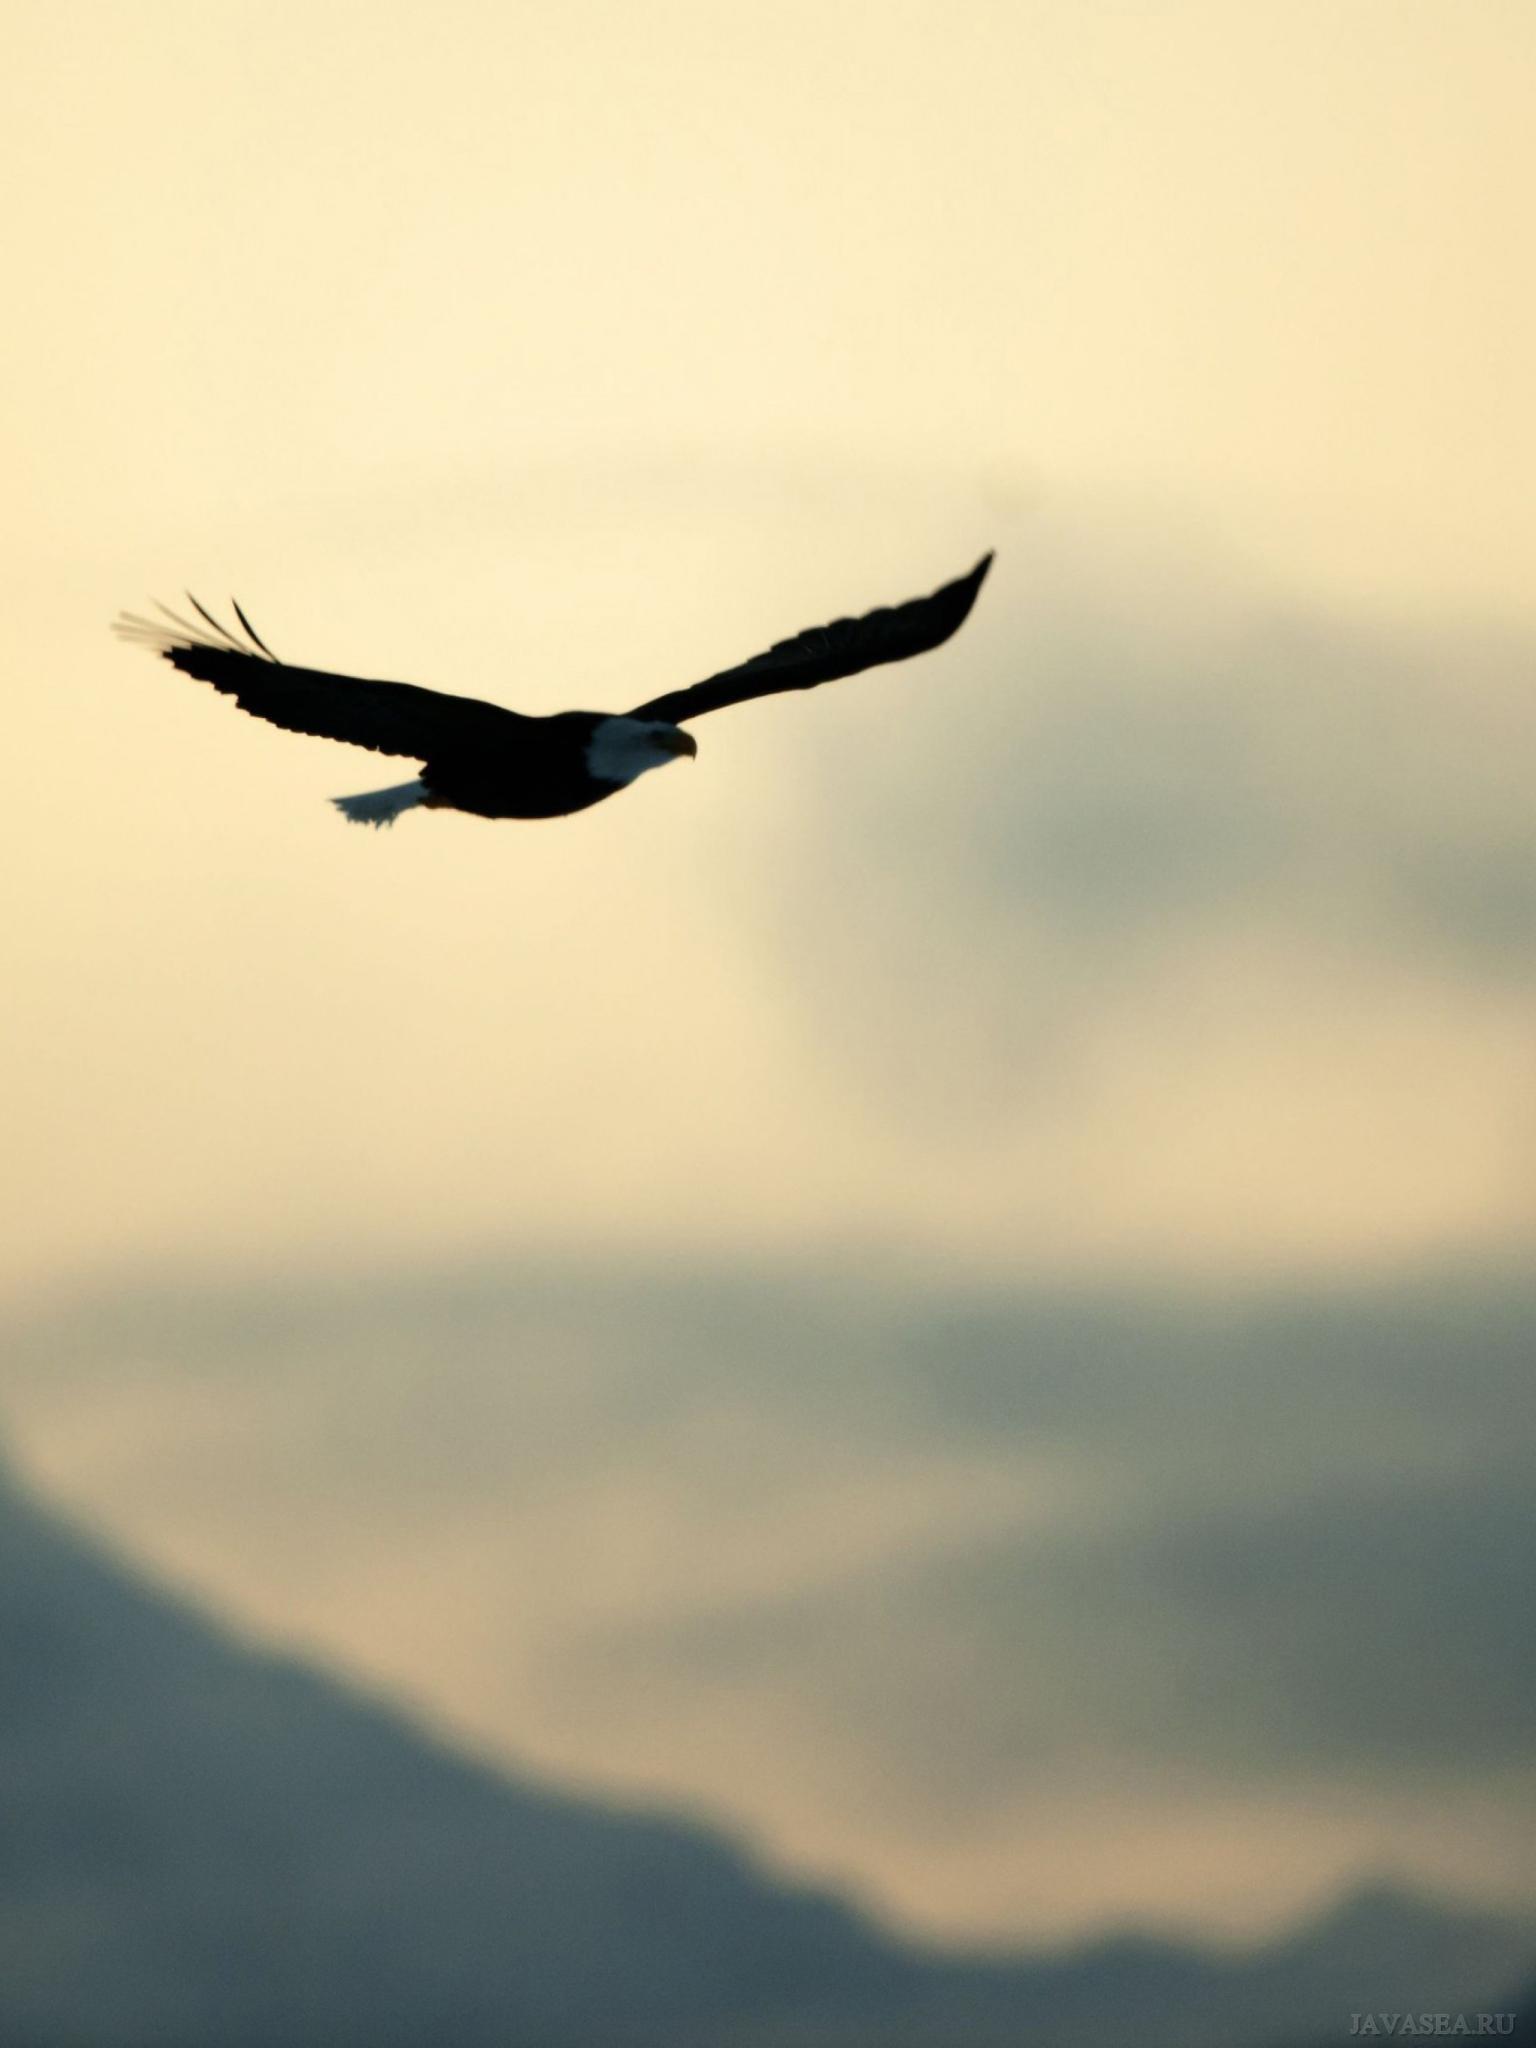 носит сугубо картинки свободного полета орла очистить